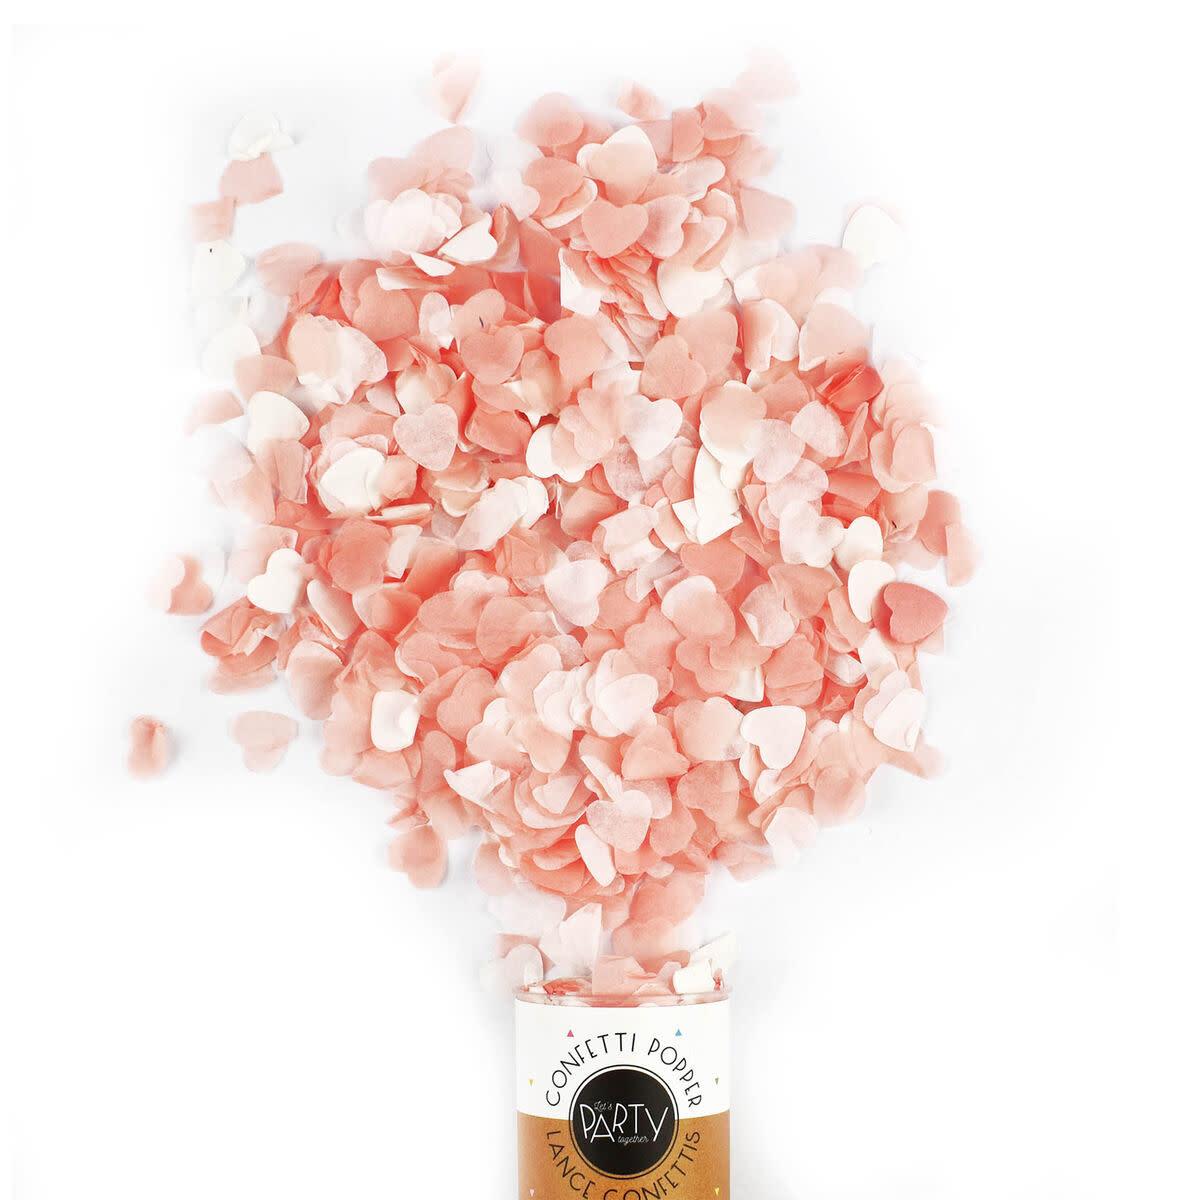 Legami Confetti popper - Hearts